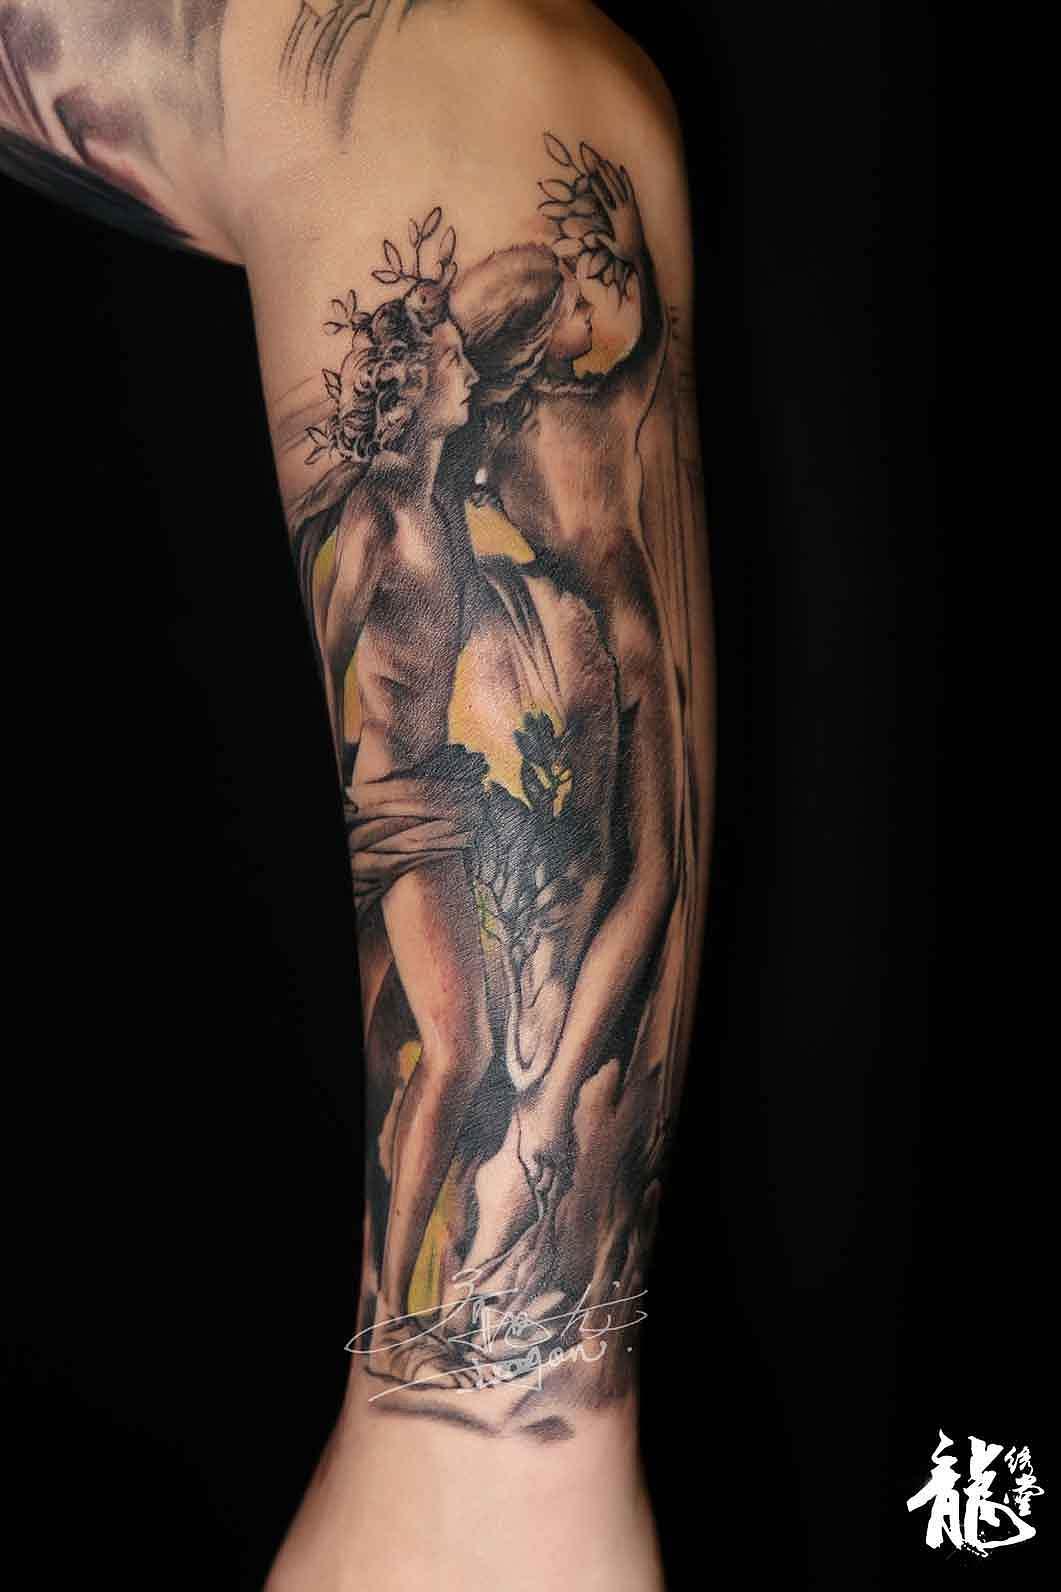 小臂创意亚当夏娃欧美纹身图片